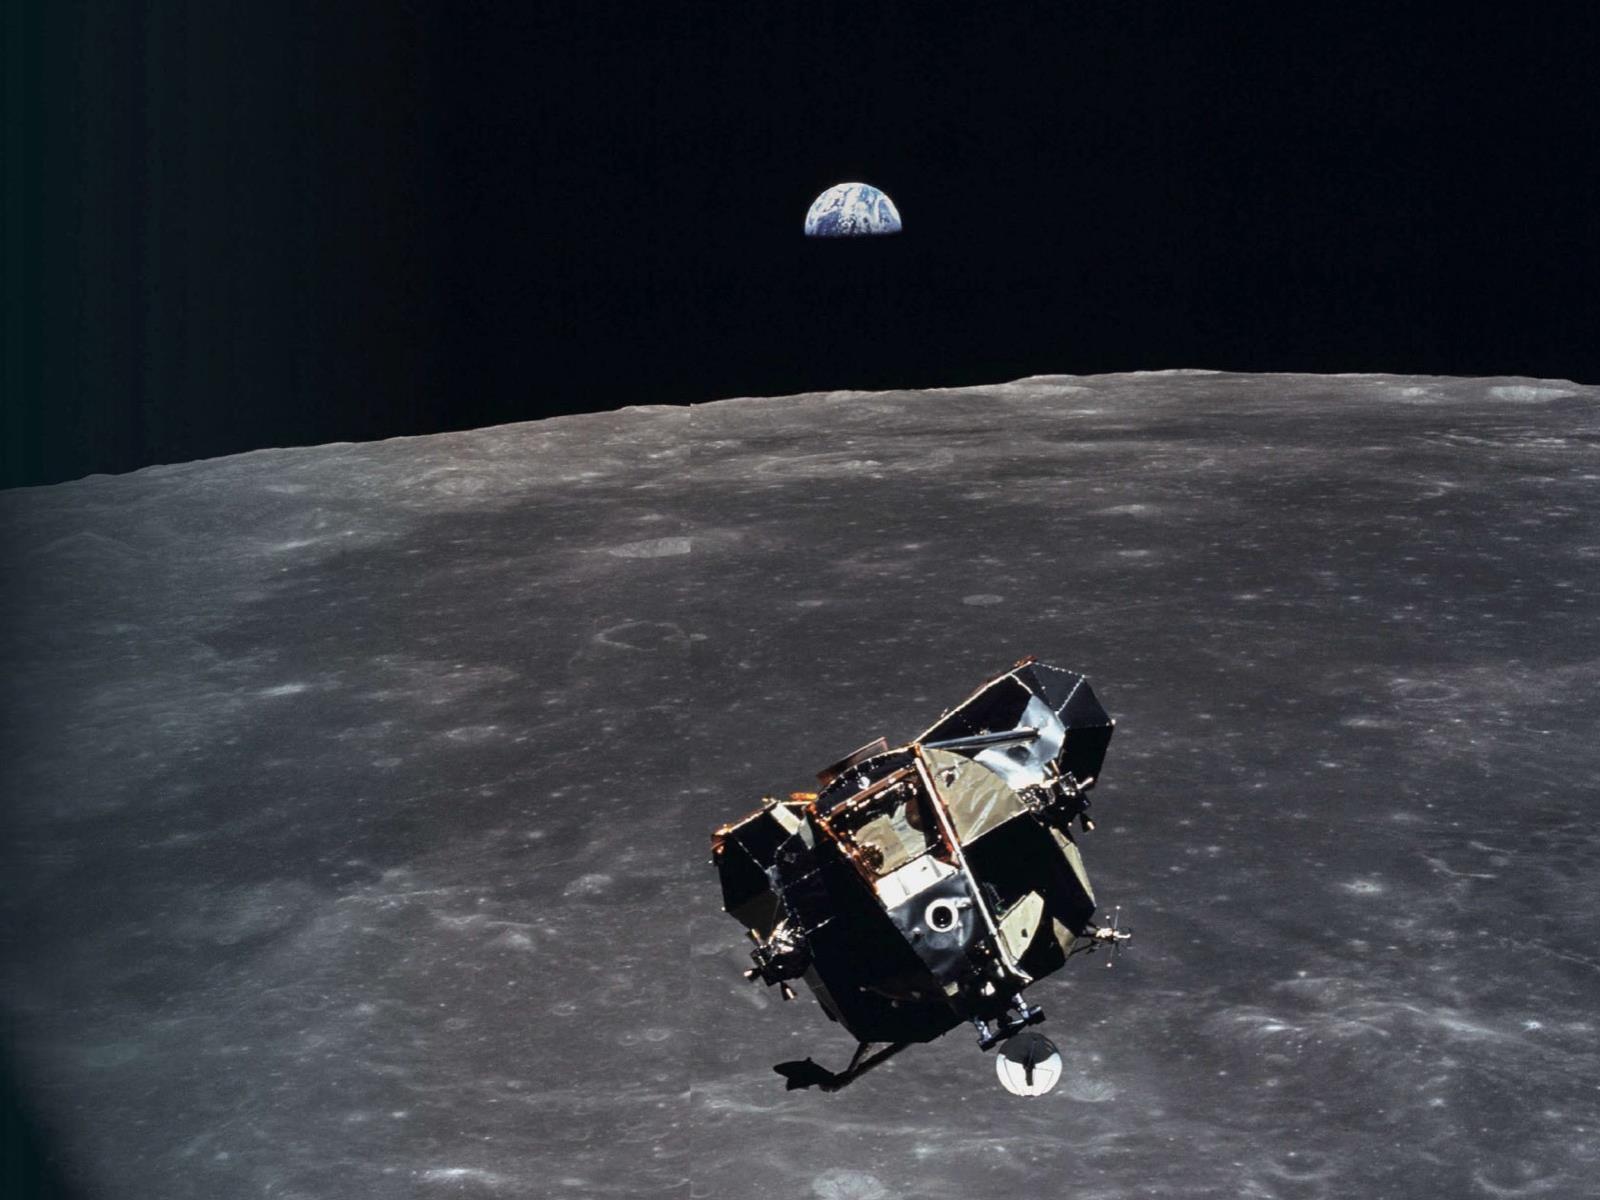 Apollo 11 na órbita da lua